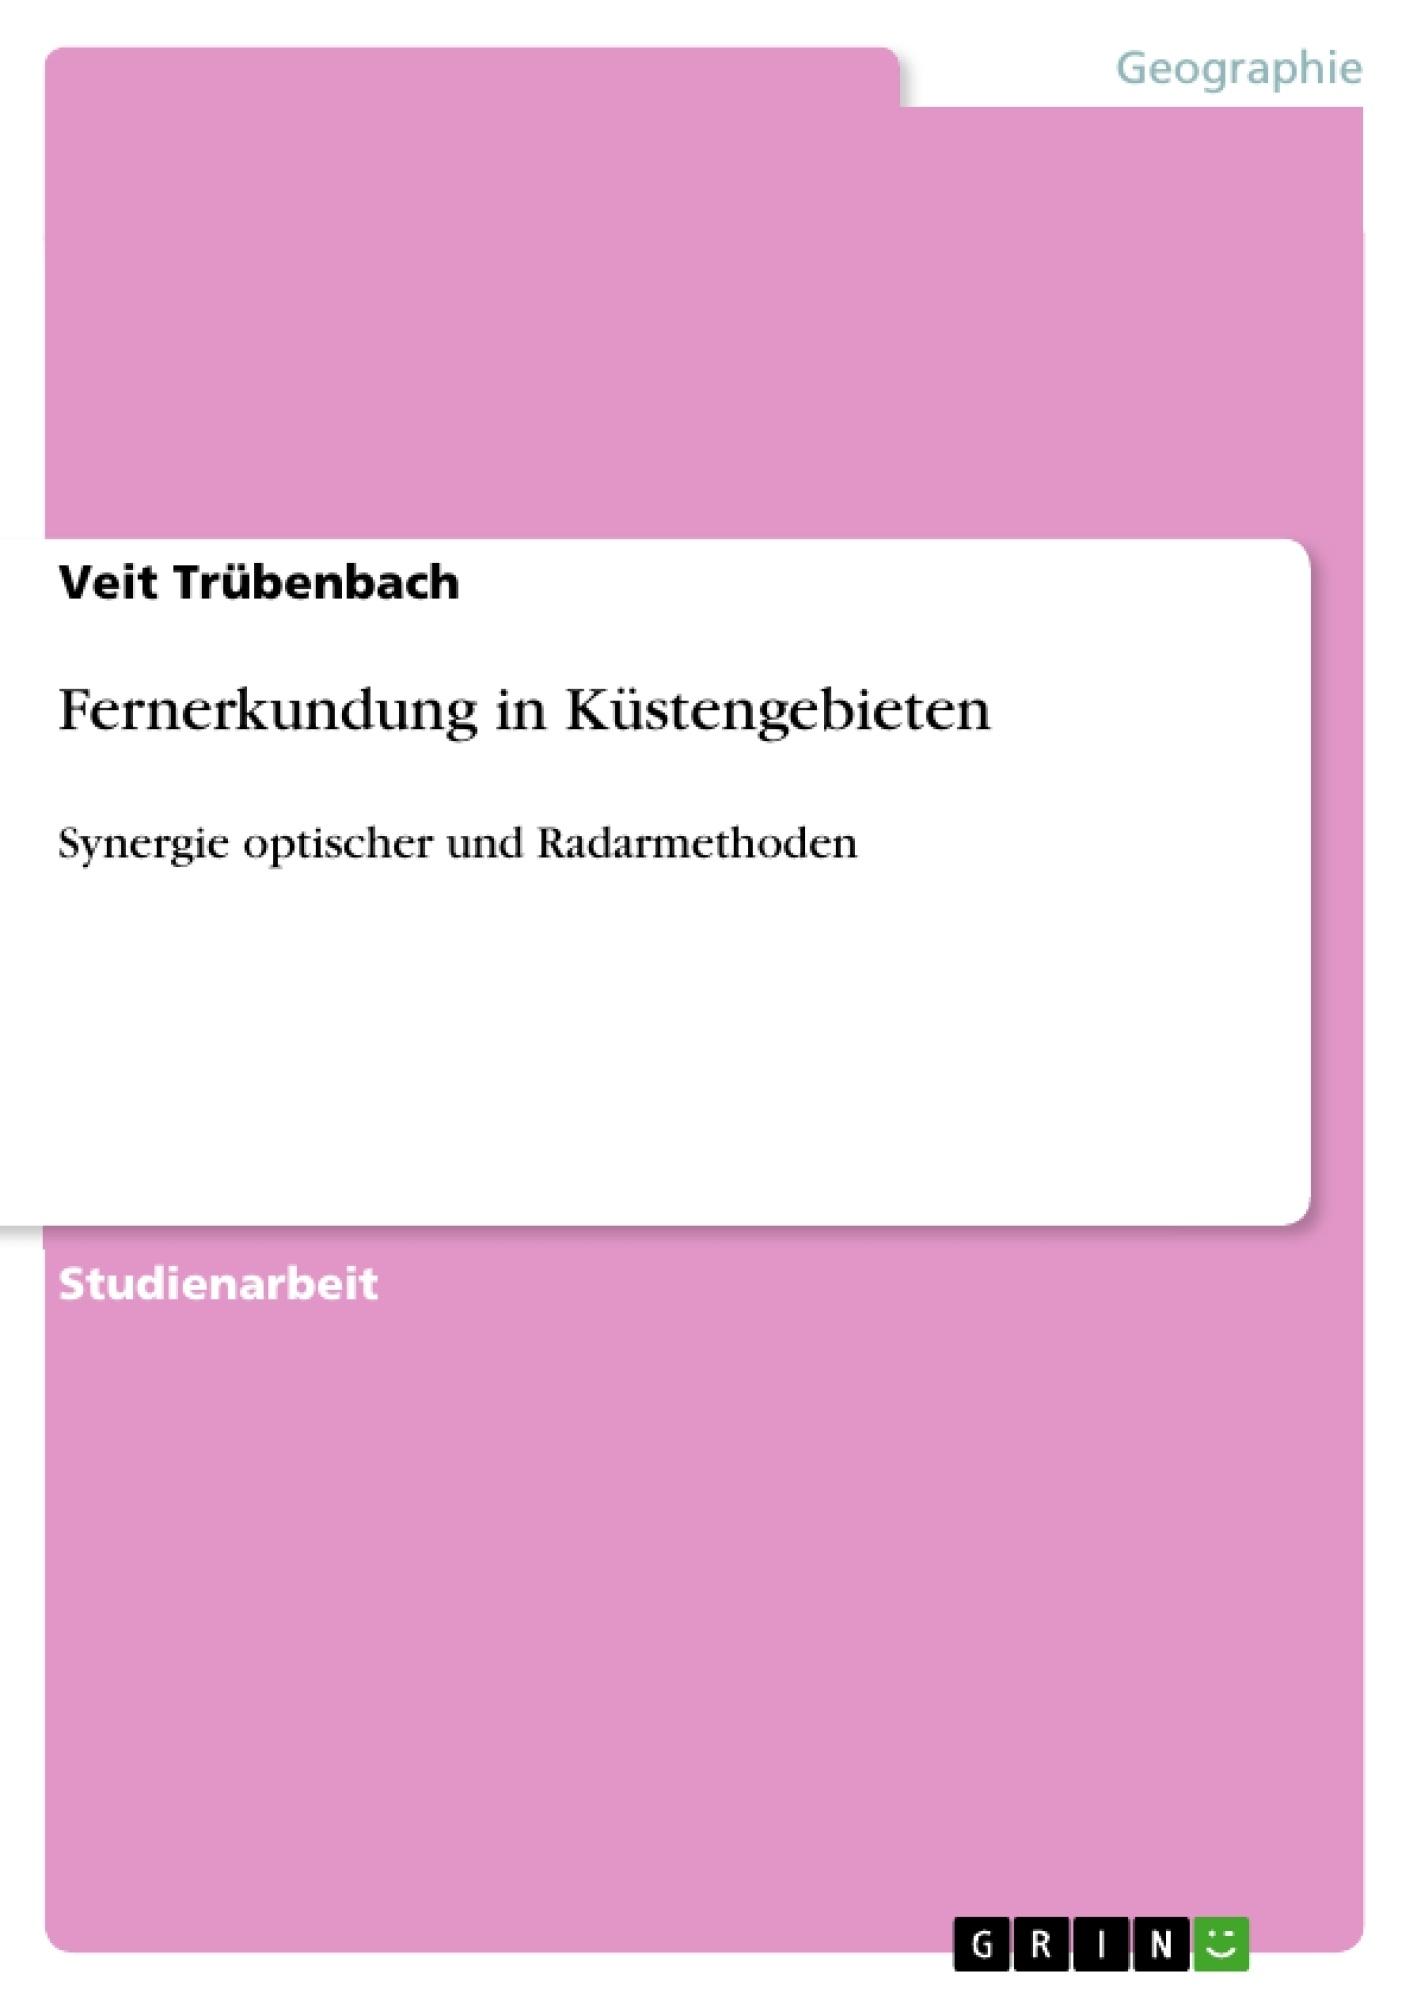 Titel: Fernerkundung in Küstengebieten